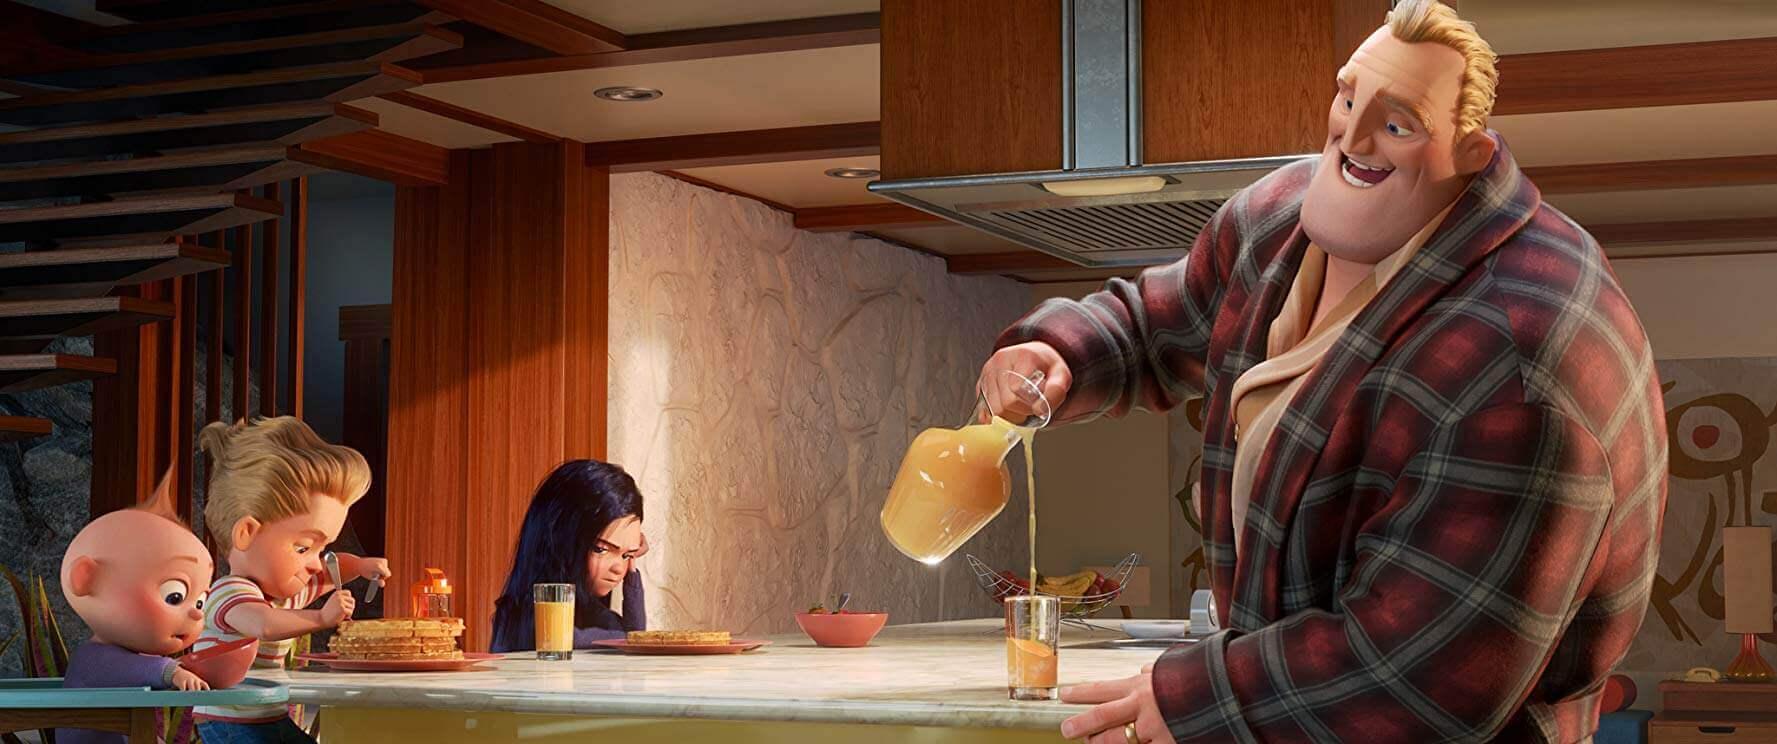 《 超人特攻隊 2 》當中,深入探討 巴鮑伯 / 超能先生 與家人們在面對和平生活與英雄志向的困境與突破。